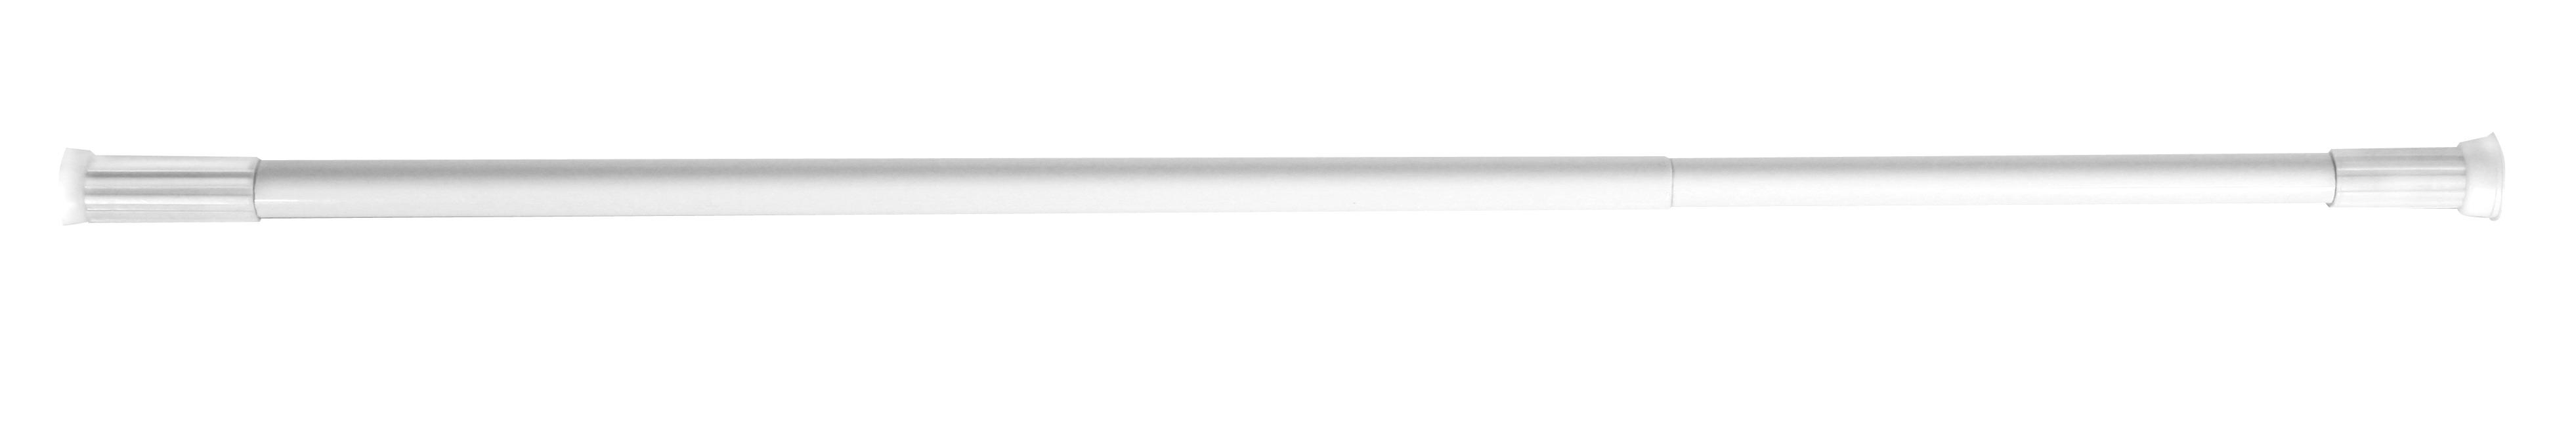 Bara alba extensibila 110-200cm, suport pentru perdea de dus - AWD02100231